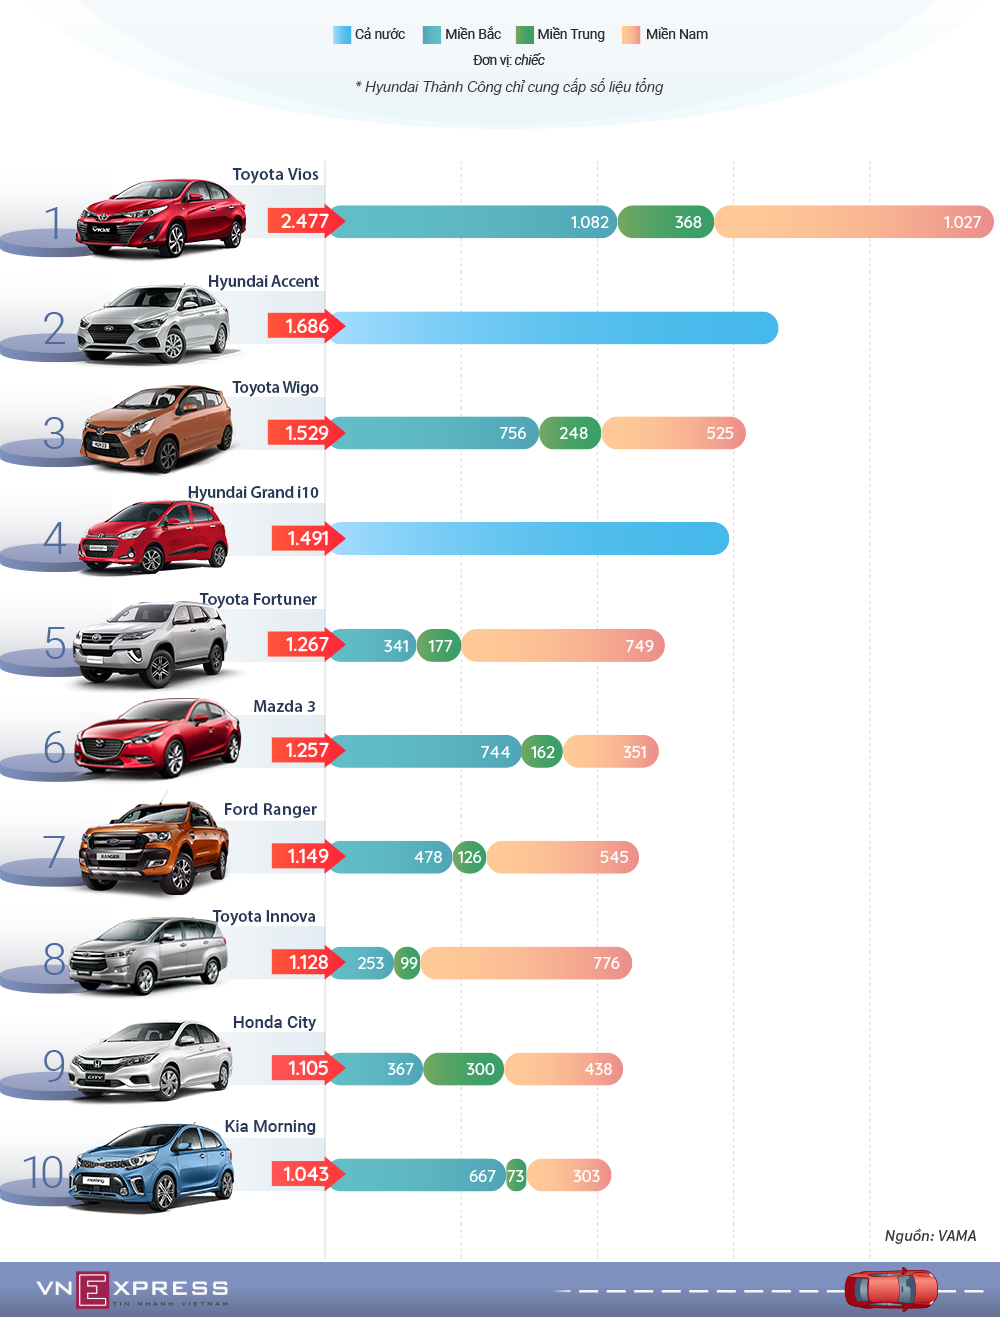 10 xe ban chay nhat thang 10 - Toyota ap dao Hyundai va Truong Hai